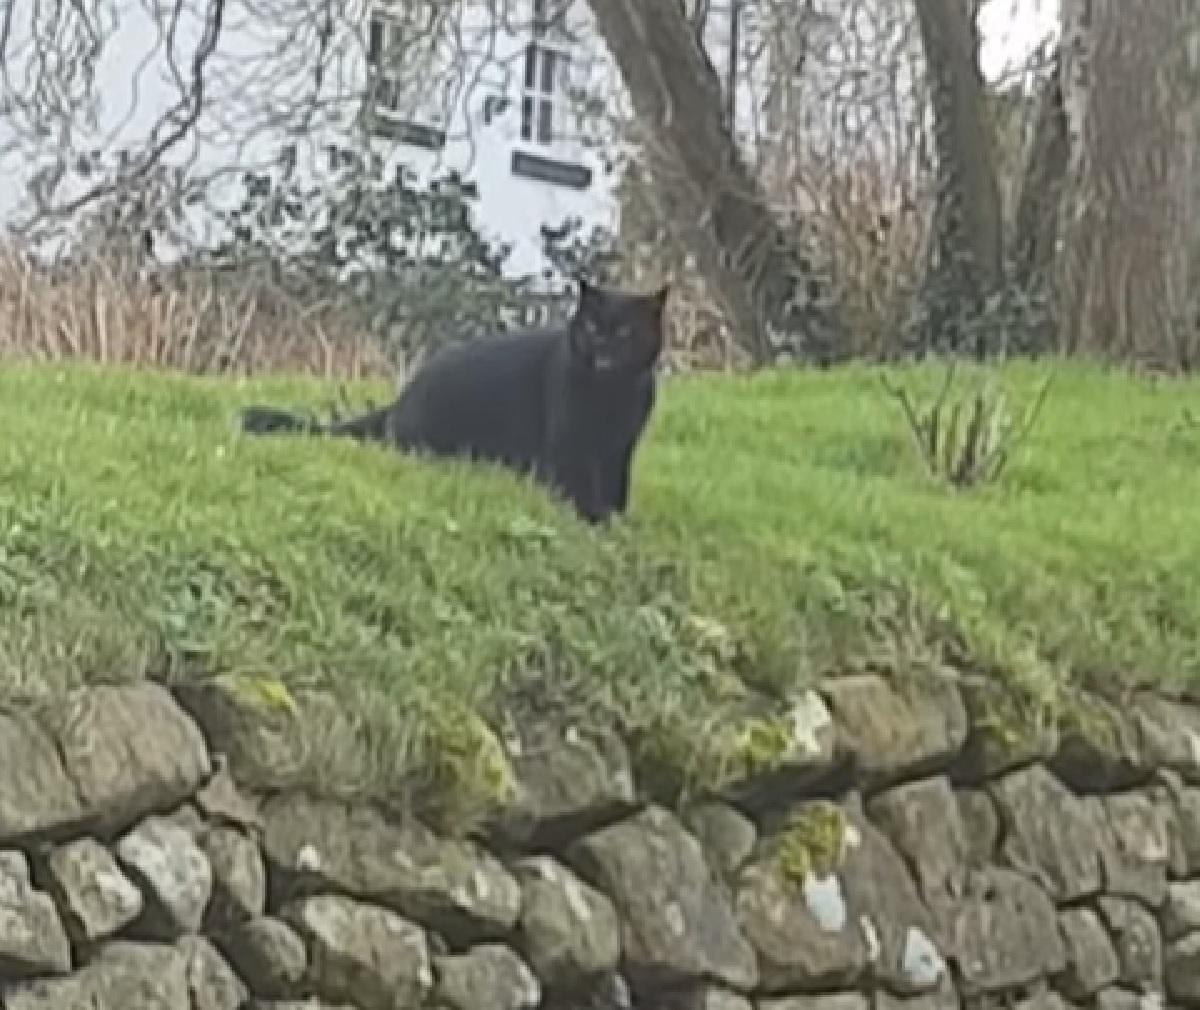 gattino simon sherratt videocamera in mano